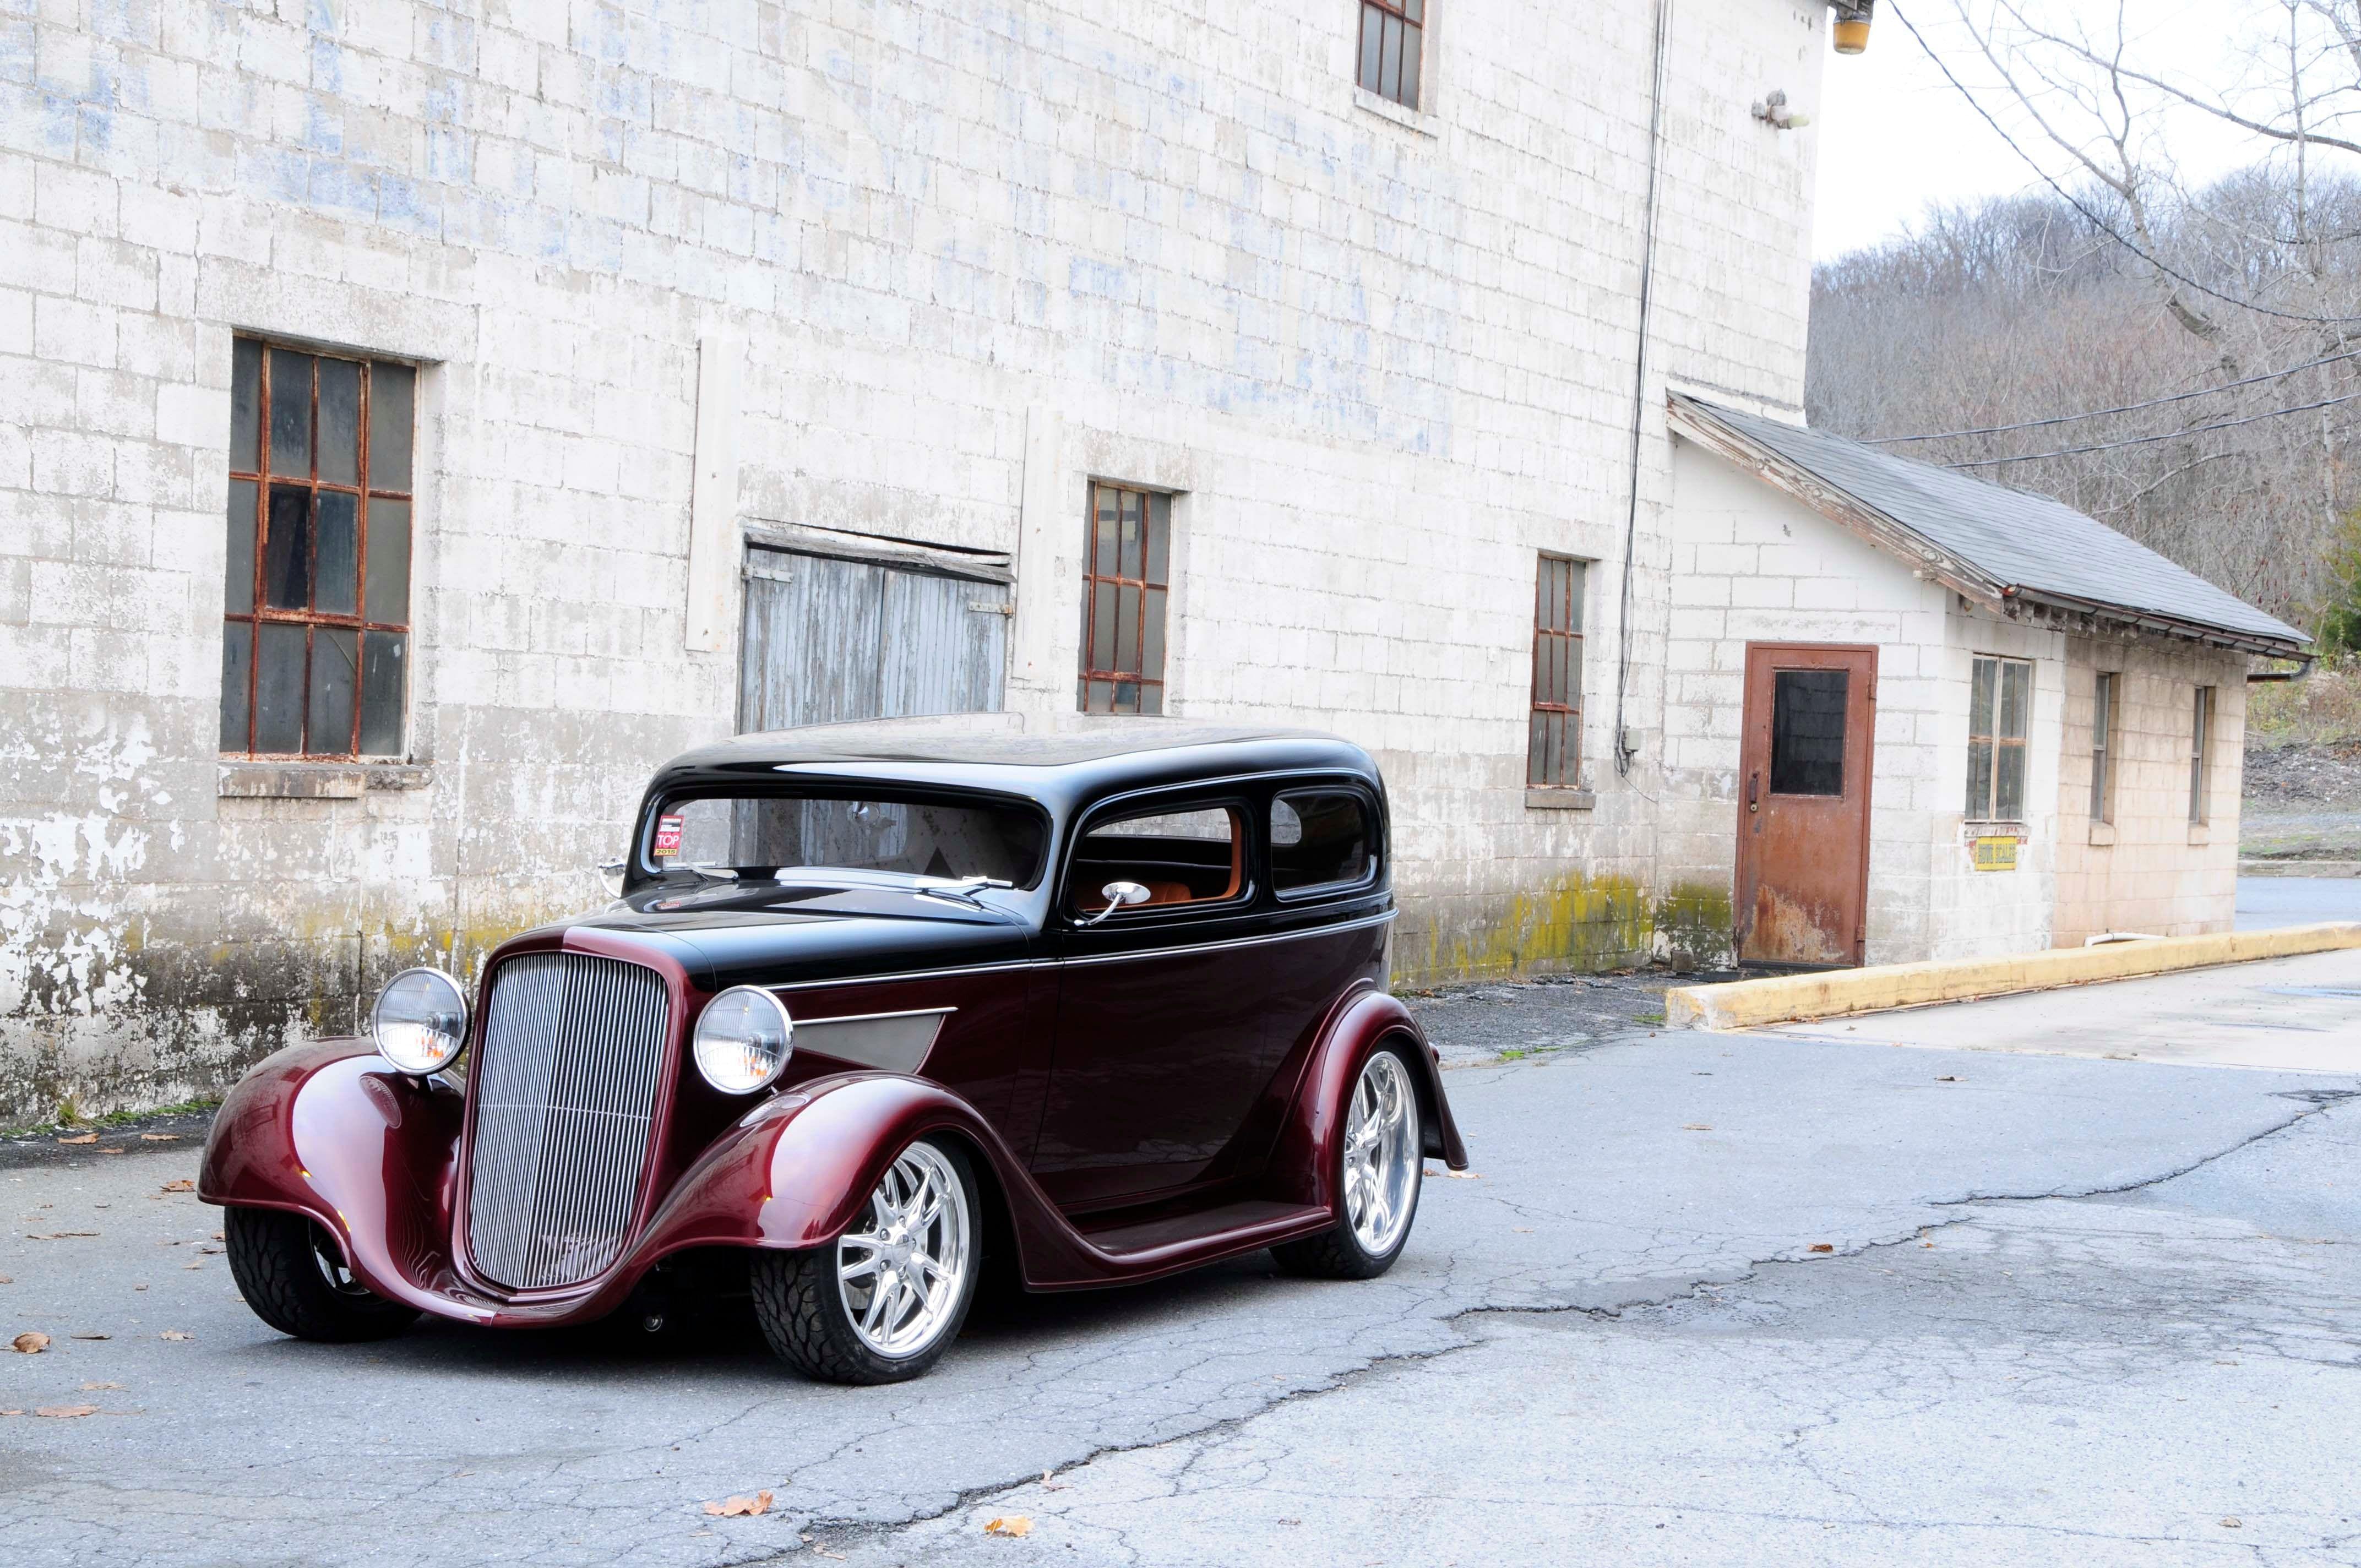 4k wallpaper 1934 chevrolet sedan (4288x2848) Chevrolet